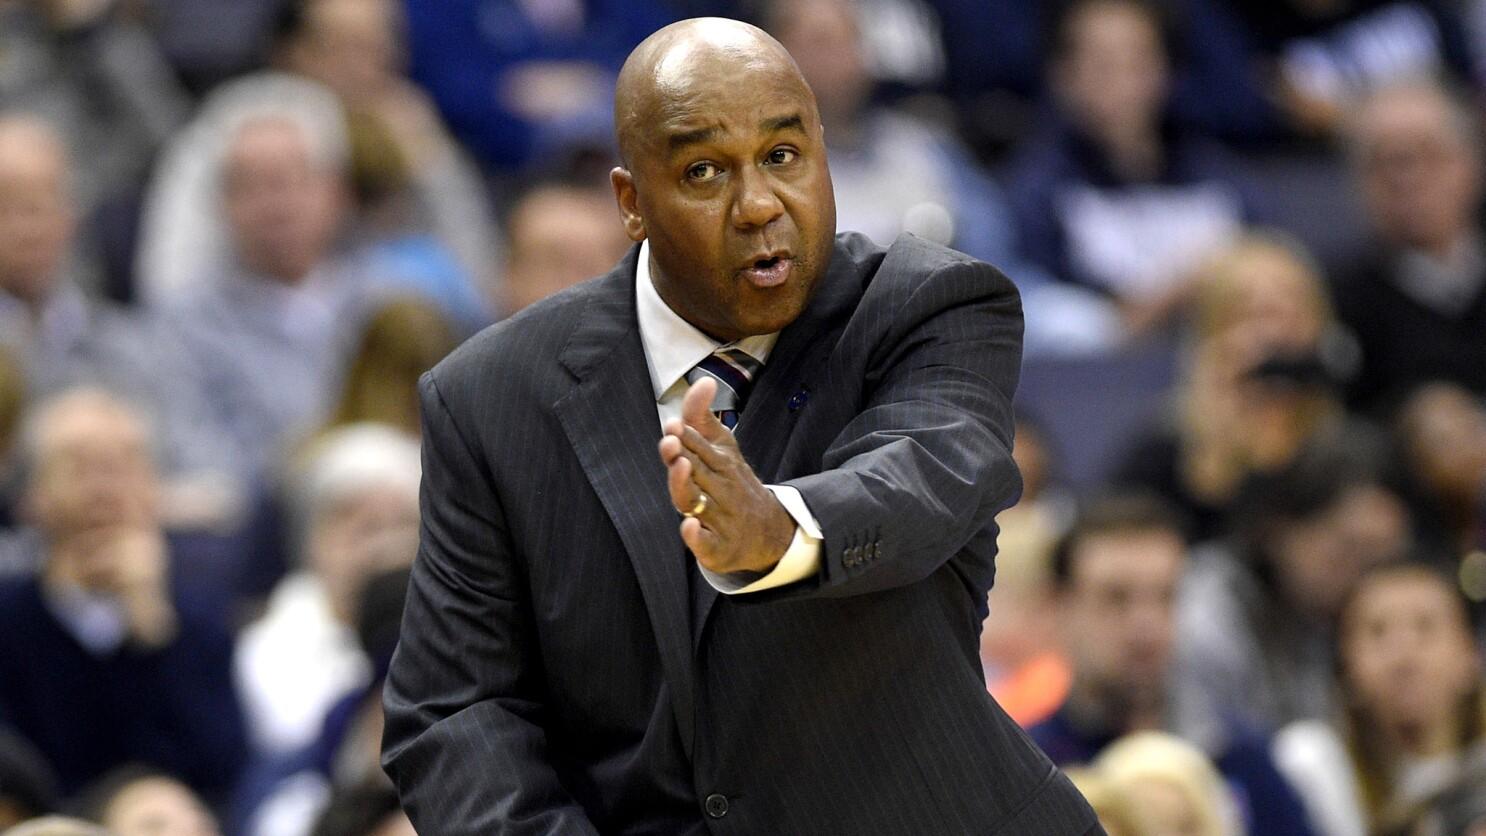 coach after firing John Thompson III ...